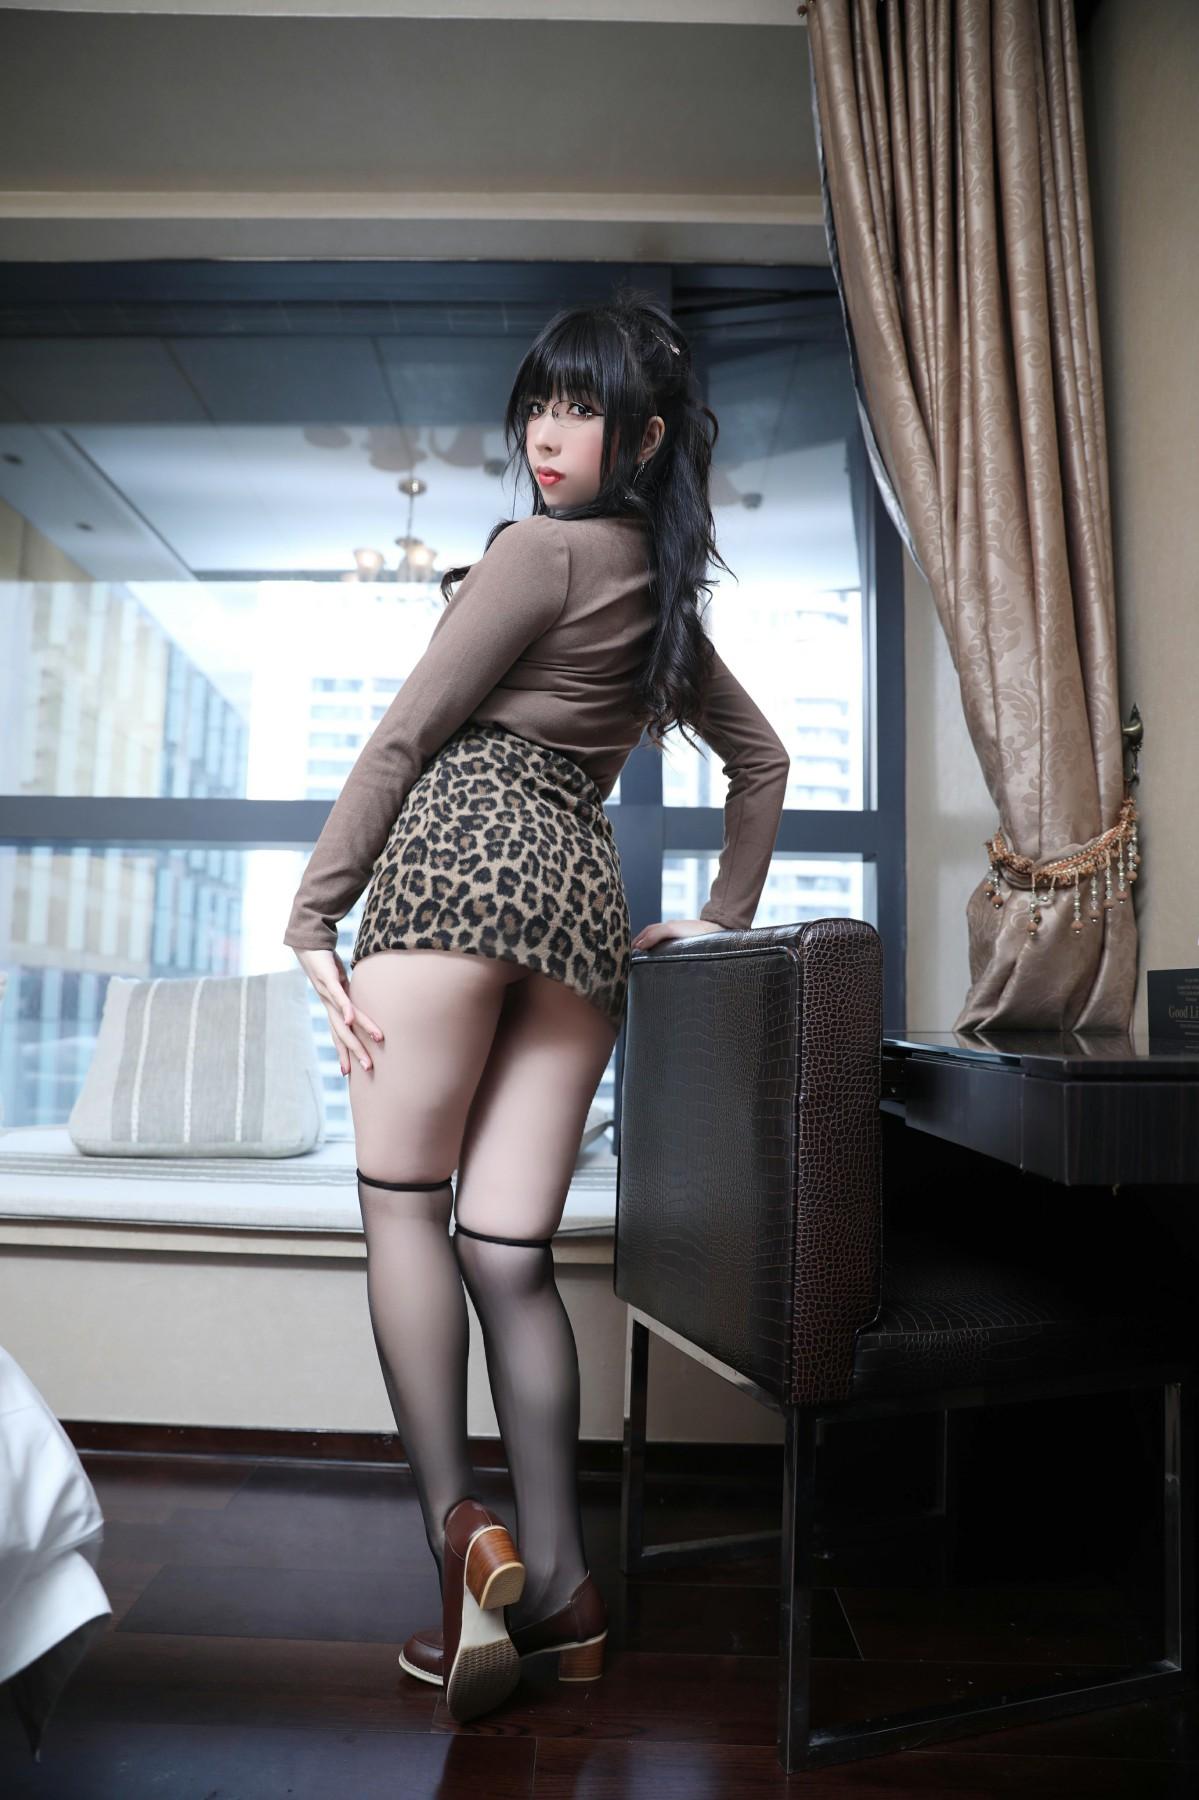 巨乳美女鹿野希 - 豹纹蕾丝-第4张图片-福利社